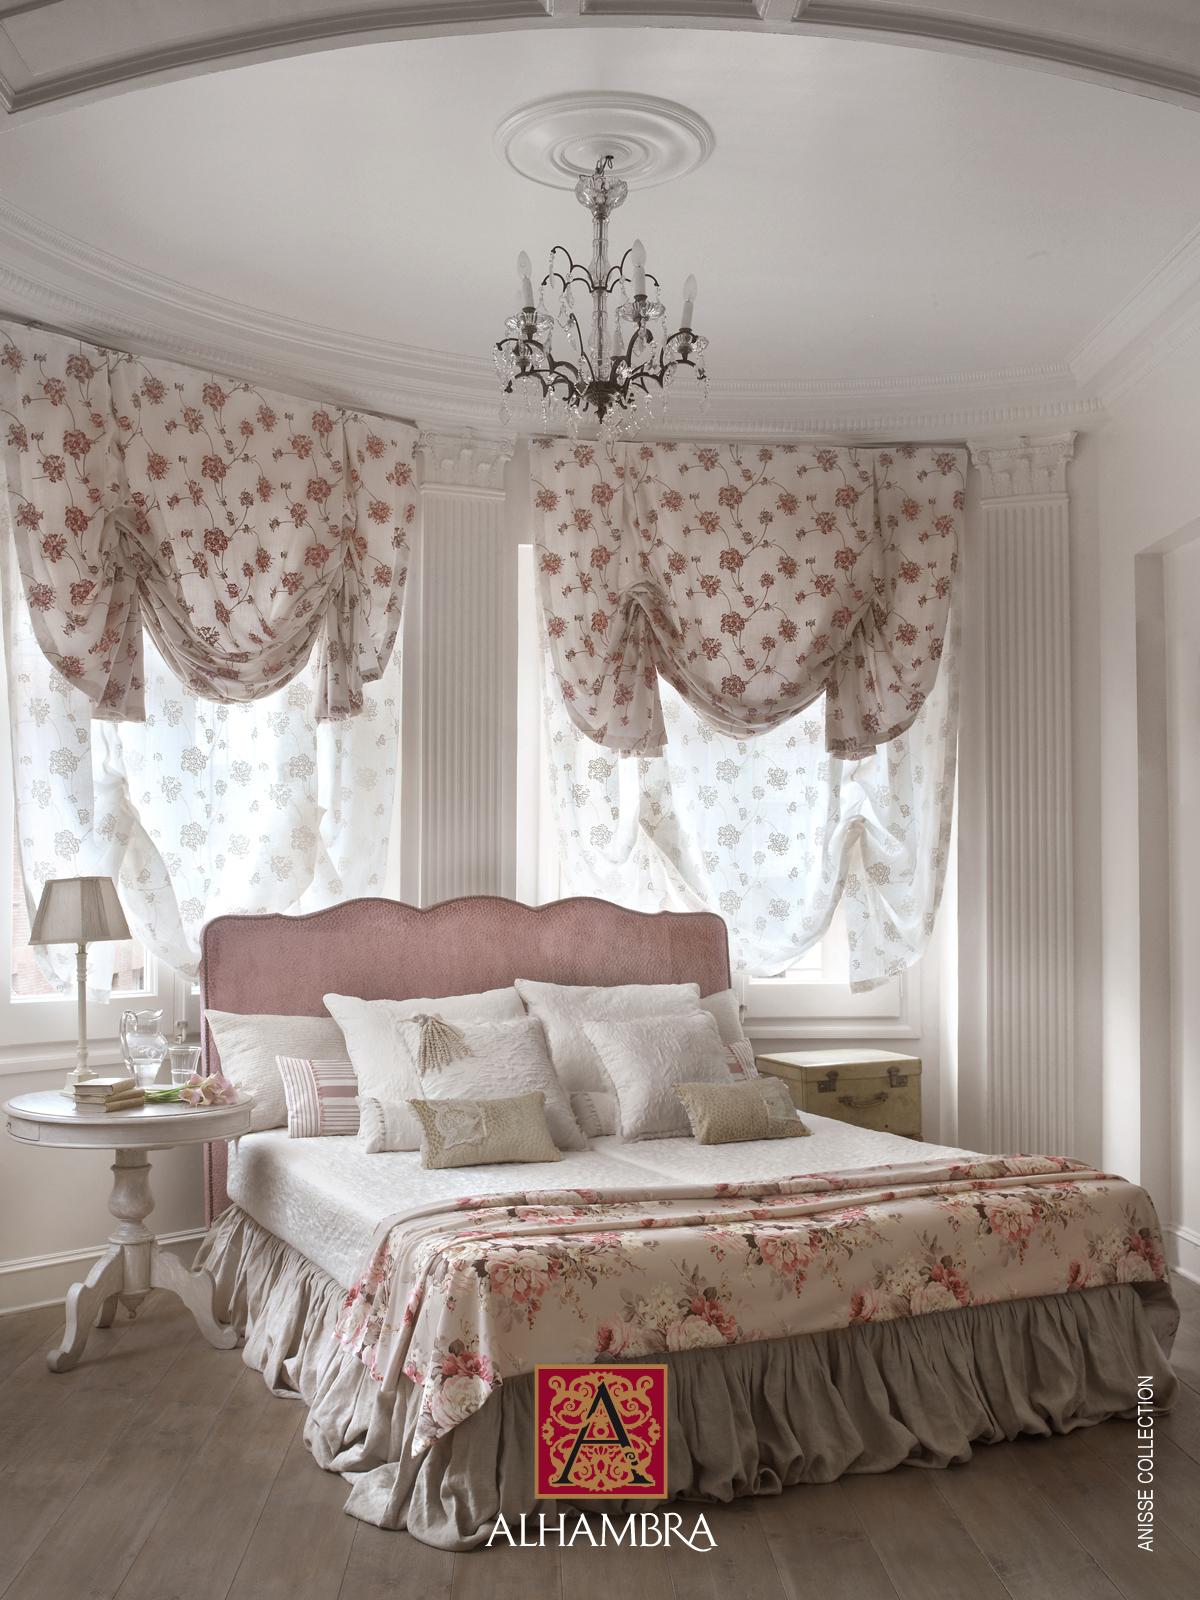 301 moved permanently - Cortinas vintage dormitorio ...